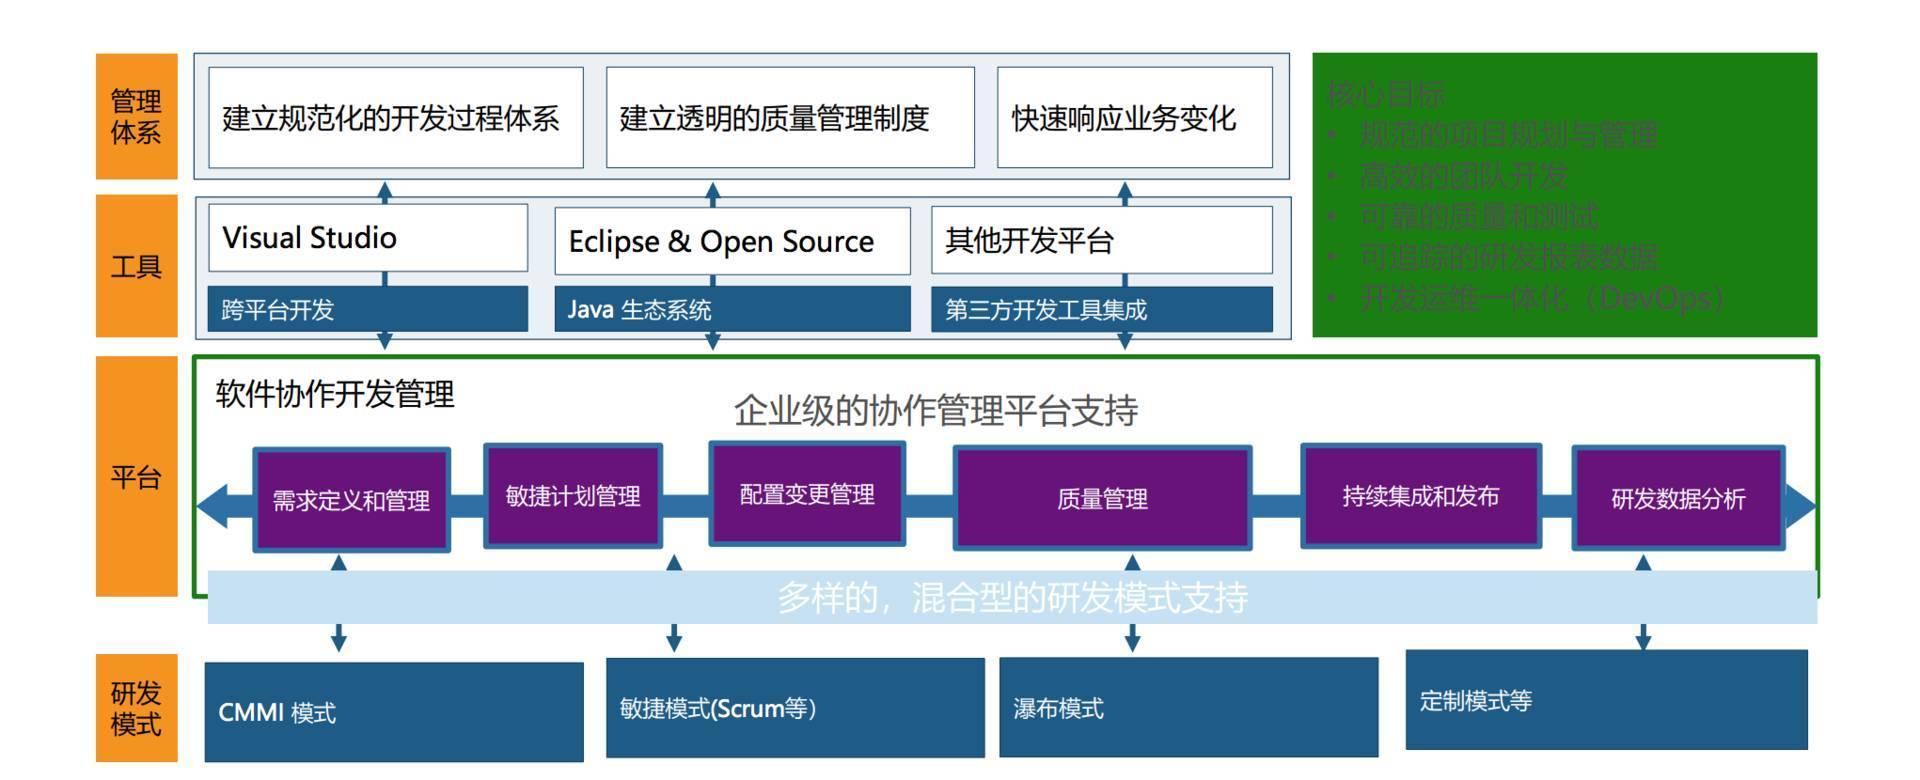 揭秘微软6万工程师DevOps成功转型的技术「武器」 3